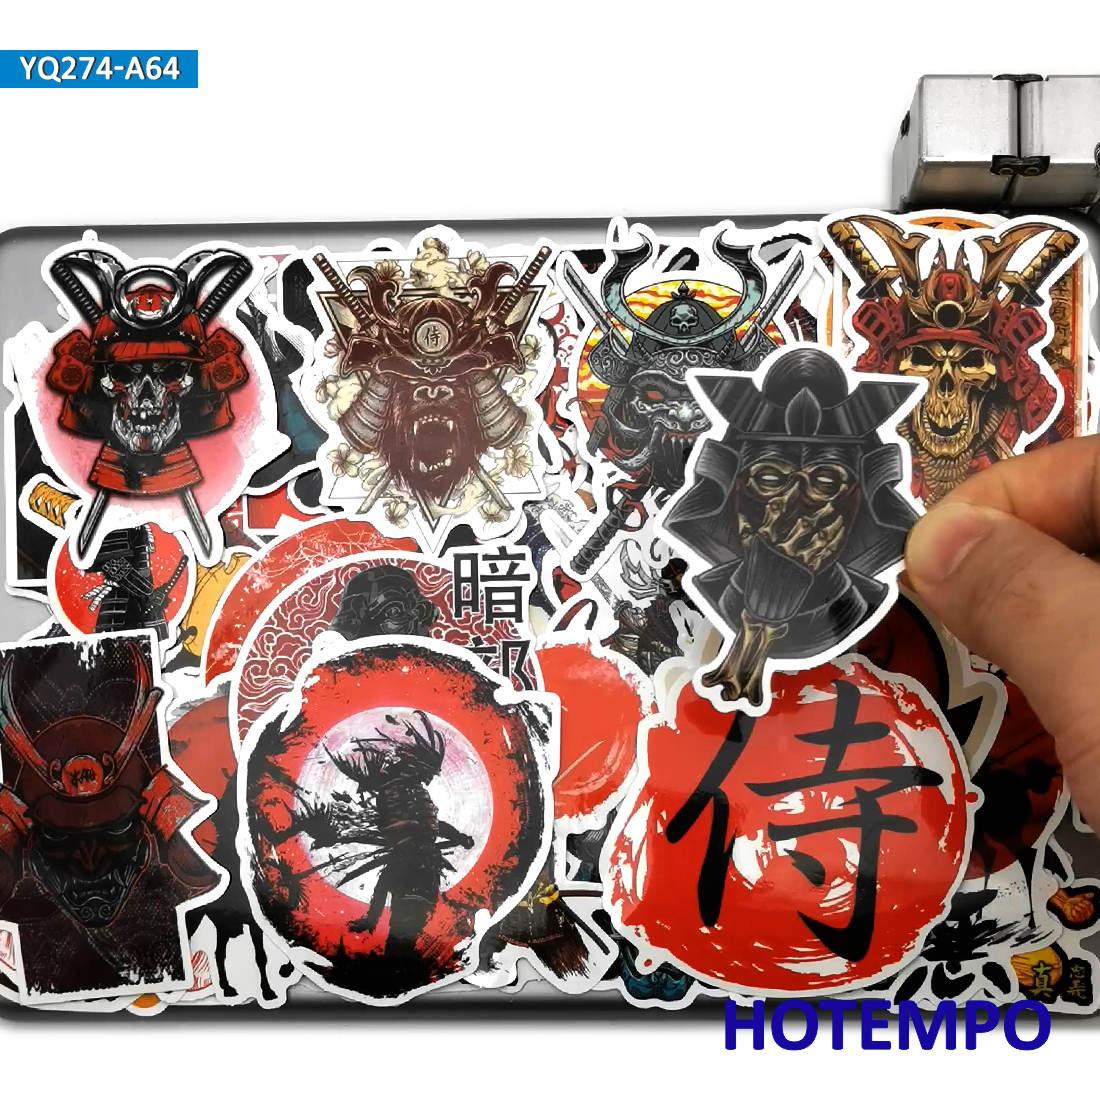 60 adet japonya Samurai Bushido ruhu tarzı sanat çıkartmalar cep telefonu Laptop onarım istasyonu gitar bavul kaykay bisiklet araba süslü çıkartmalar